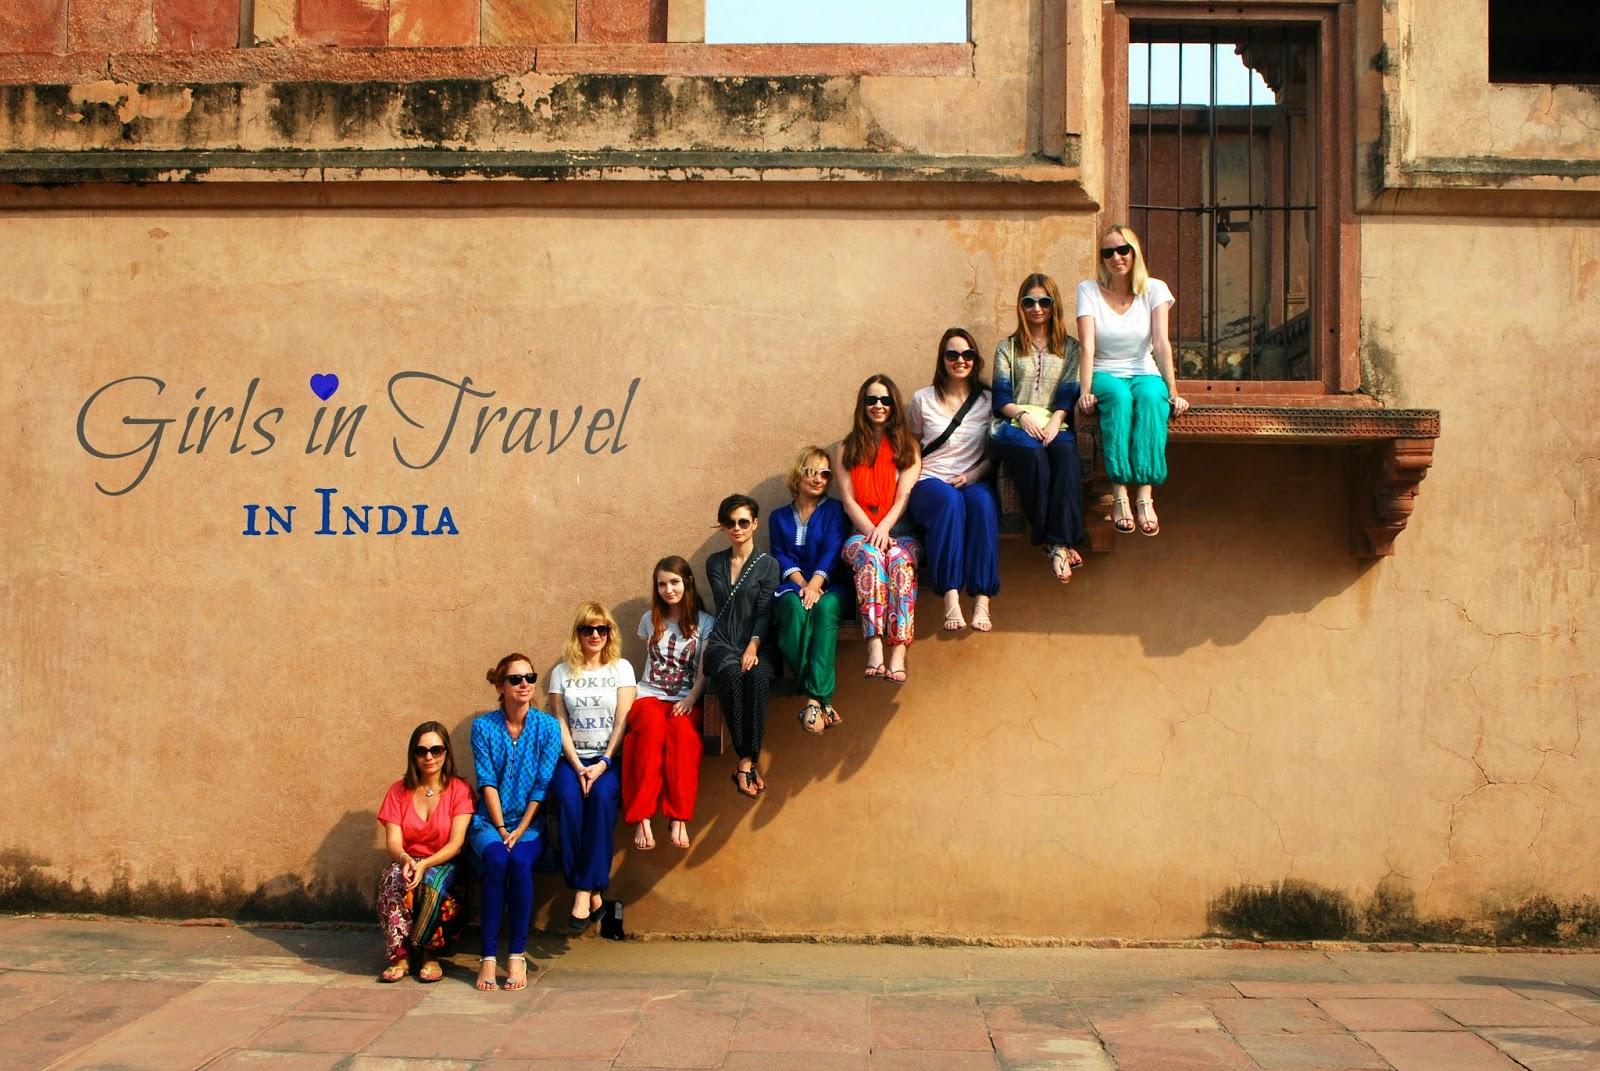 индия, туры в индию, путешествие по индии